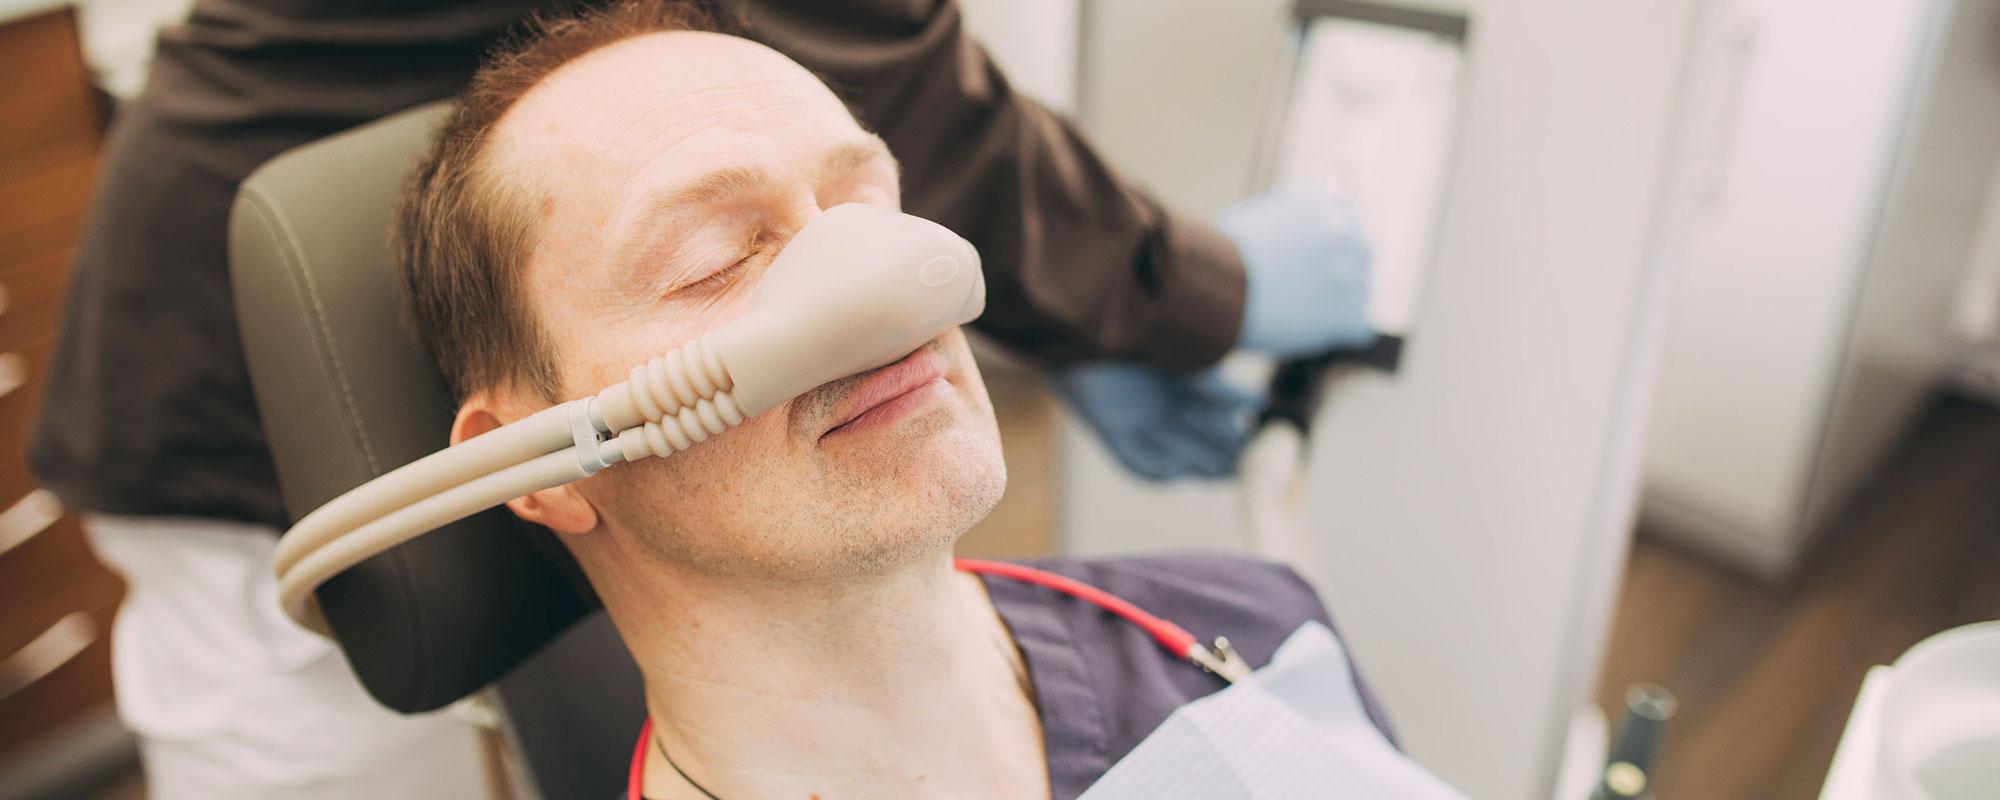 Anästhesie für schonende Behandlungen beim Zahnarzt in Baden-Baden.